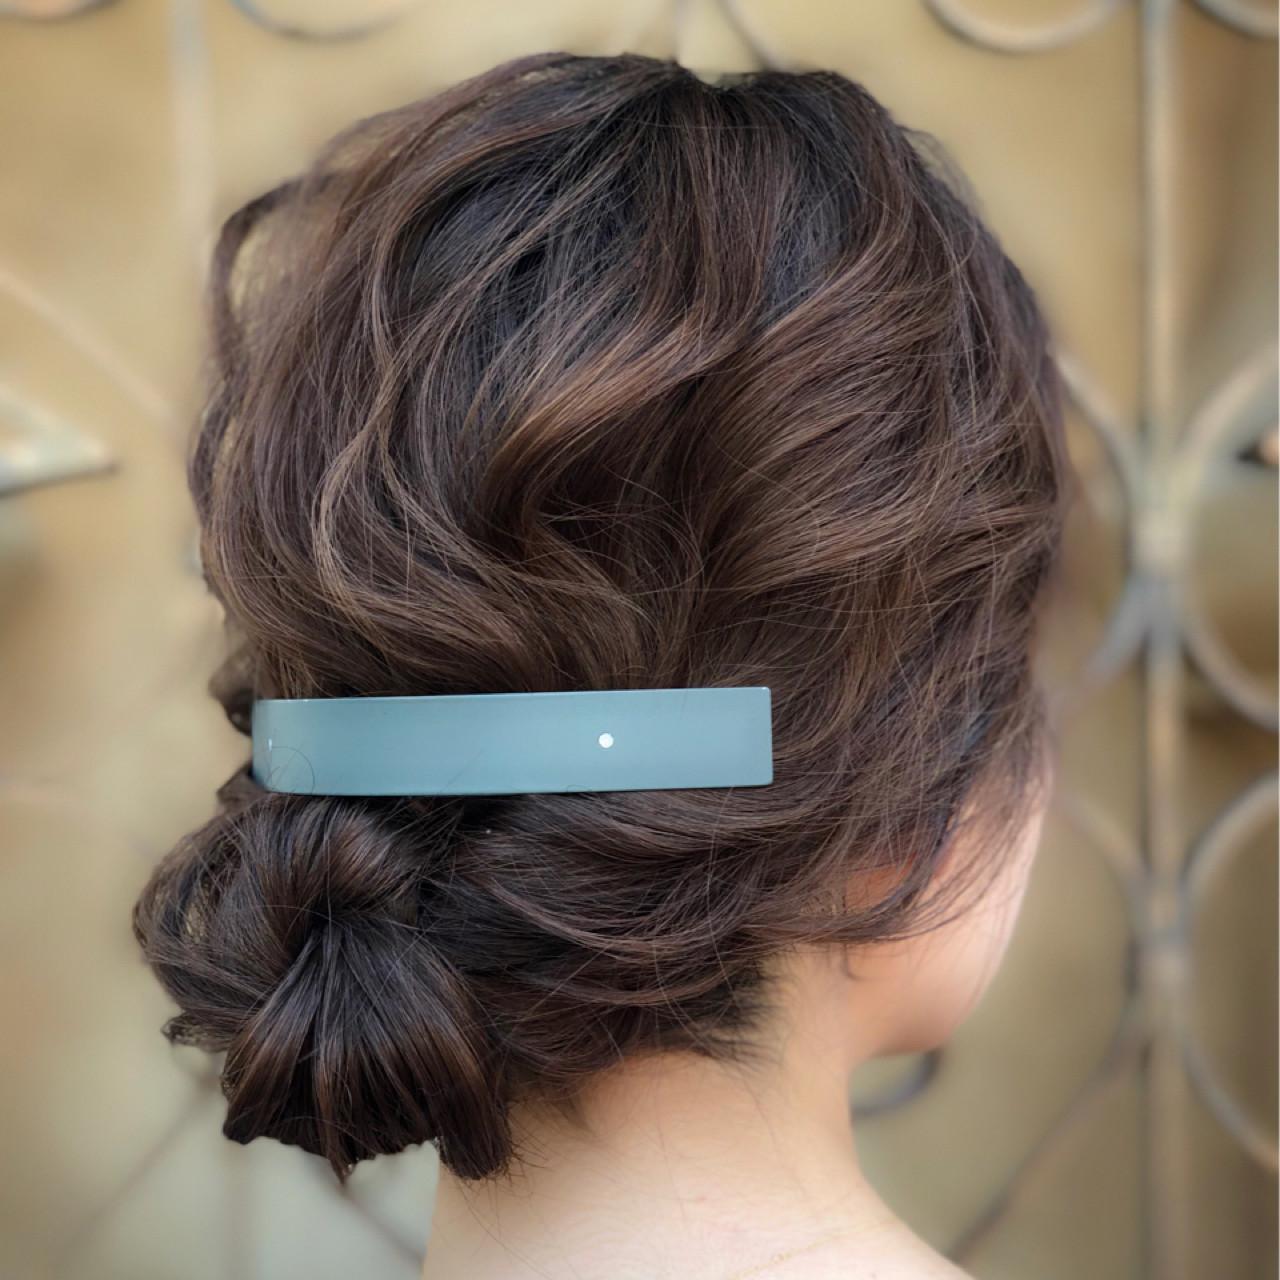 ナチュラル シニヨン ヘアアレンジ 夏 ヘアスタイルや髪型の写真・画像